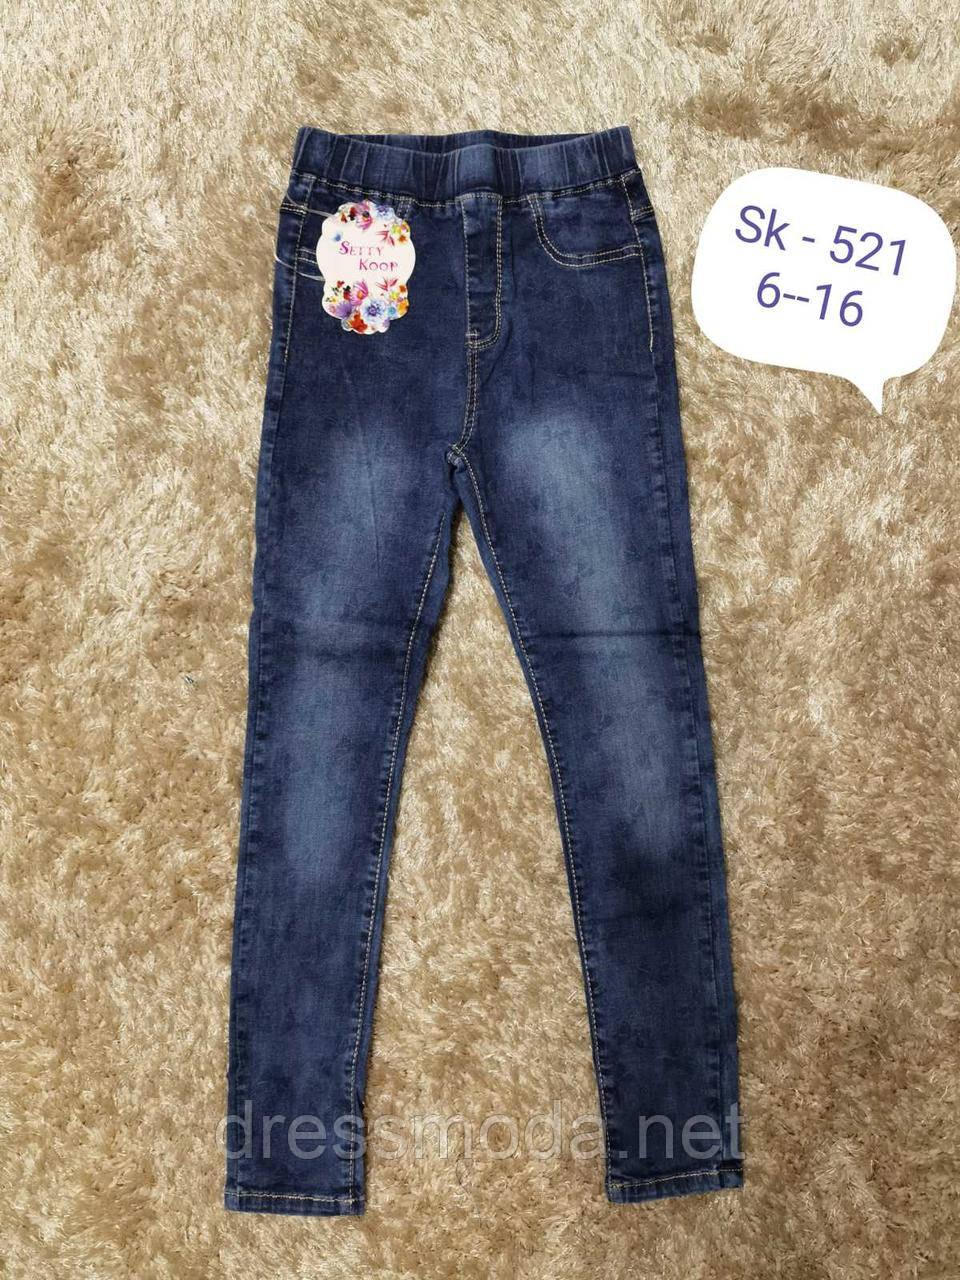 Джинсовые брюки для девочек Setty Koop 6-16лет